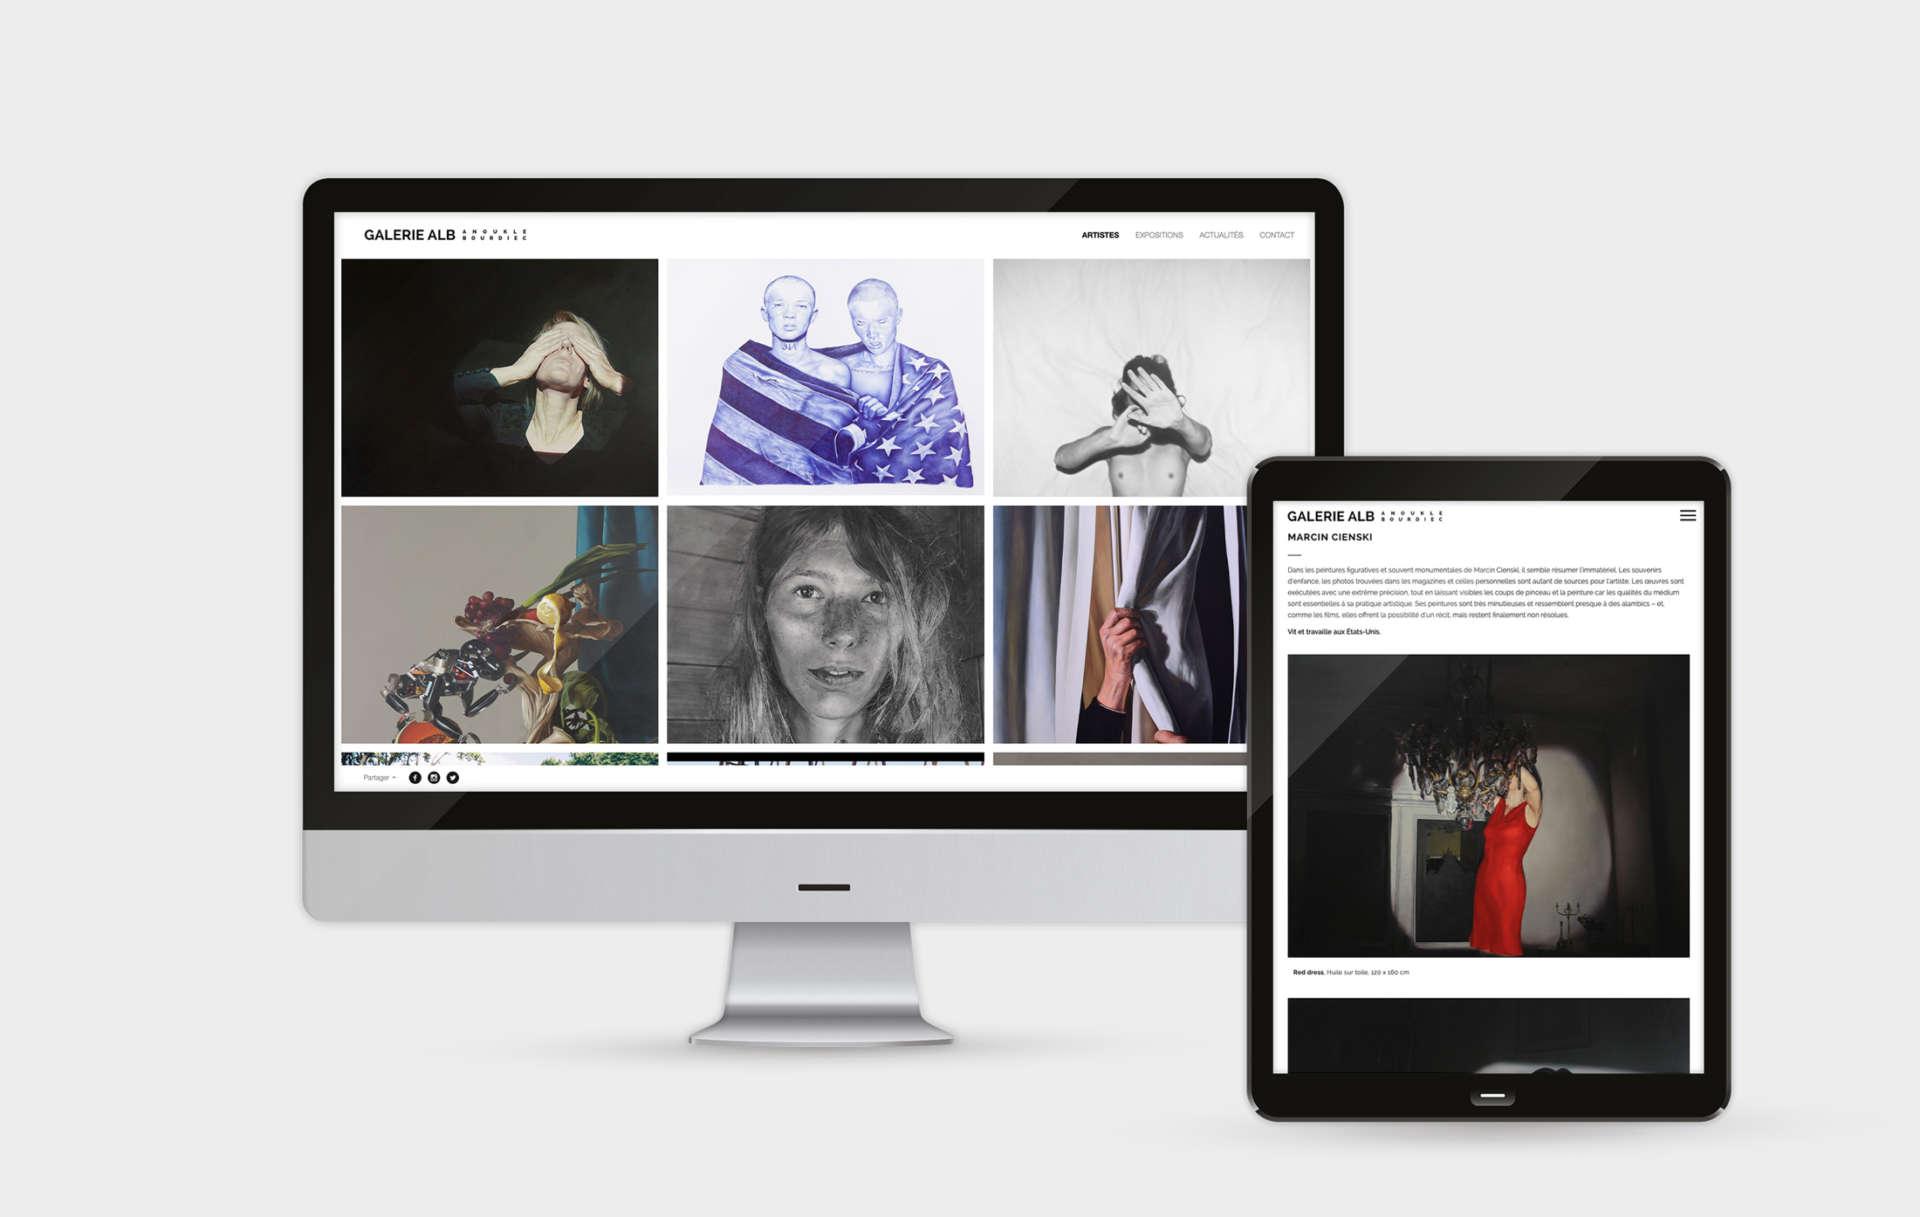 GalerieALB-site-02